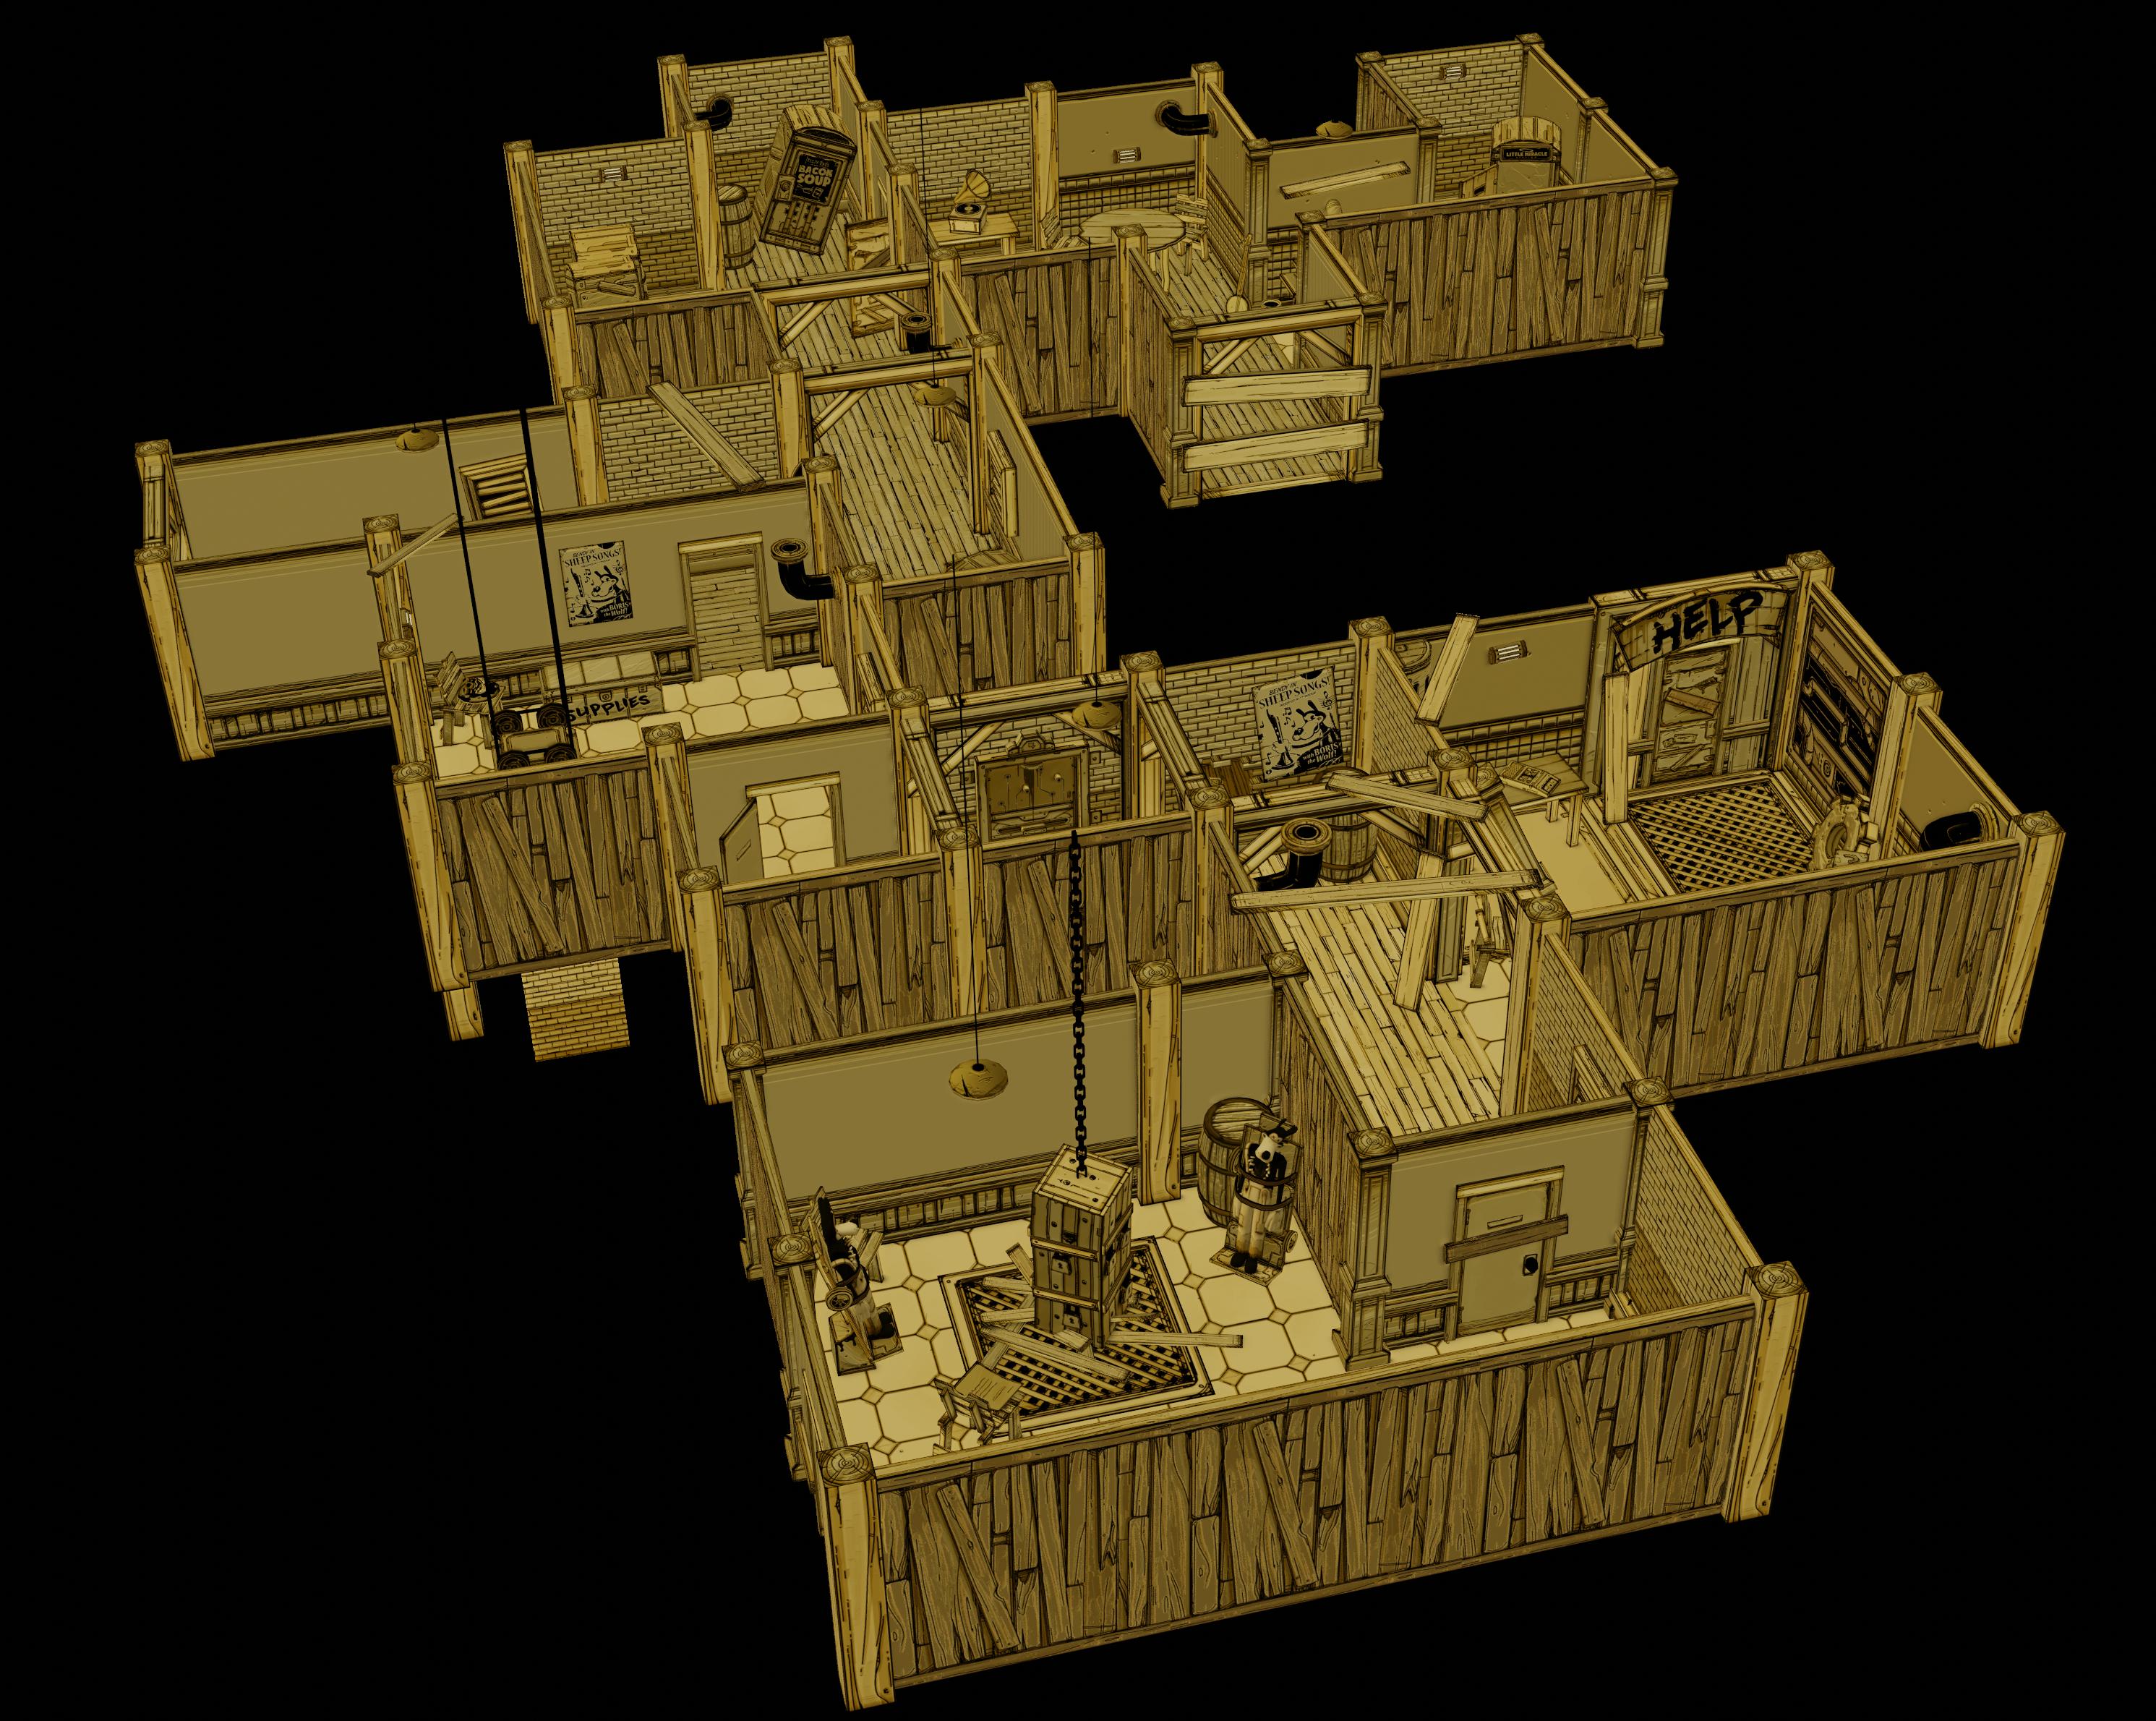 Safehouse